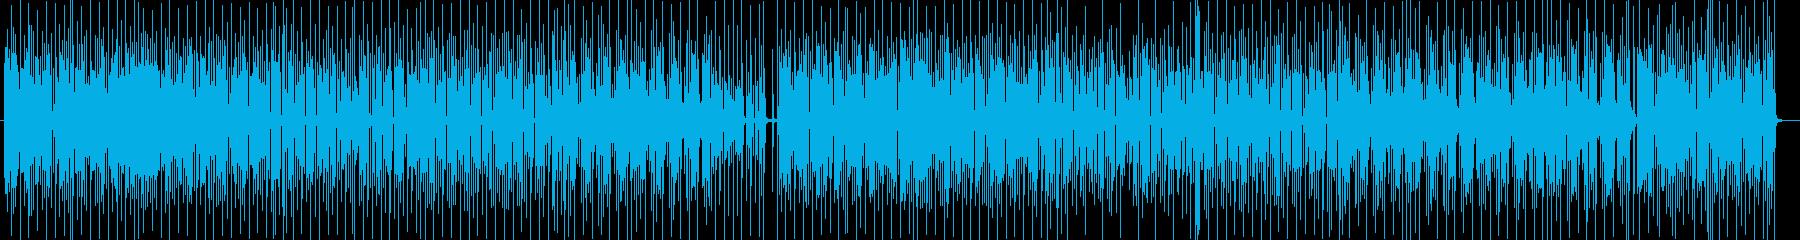 お洒落ファンキーシンセサイザーポップの再生済みの波形